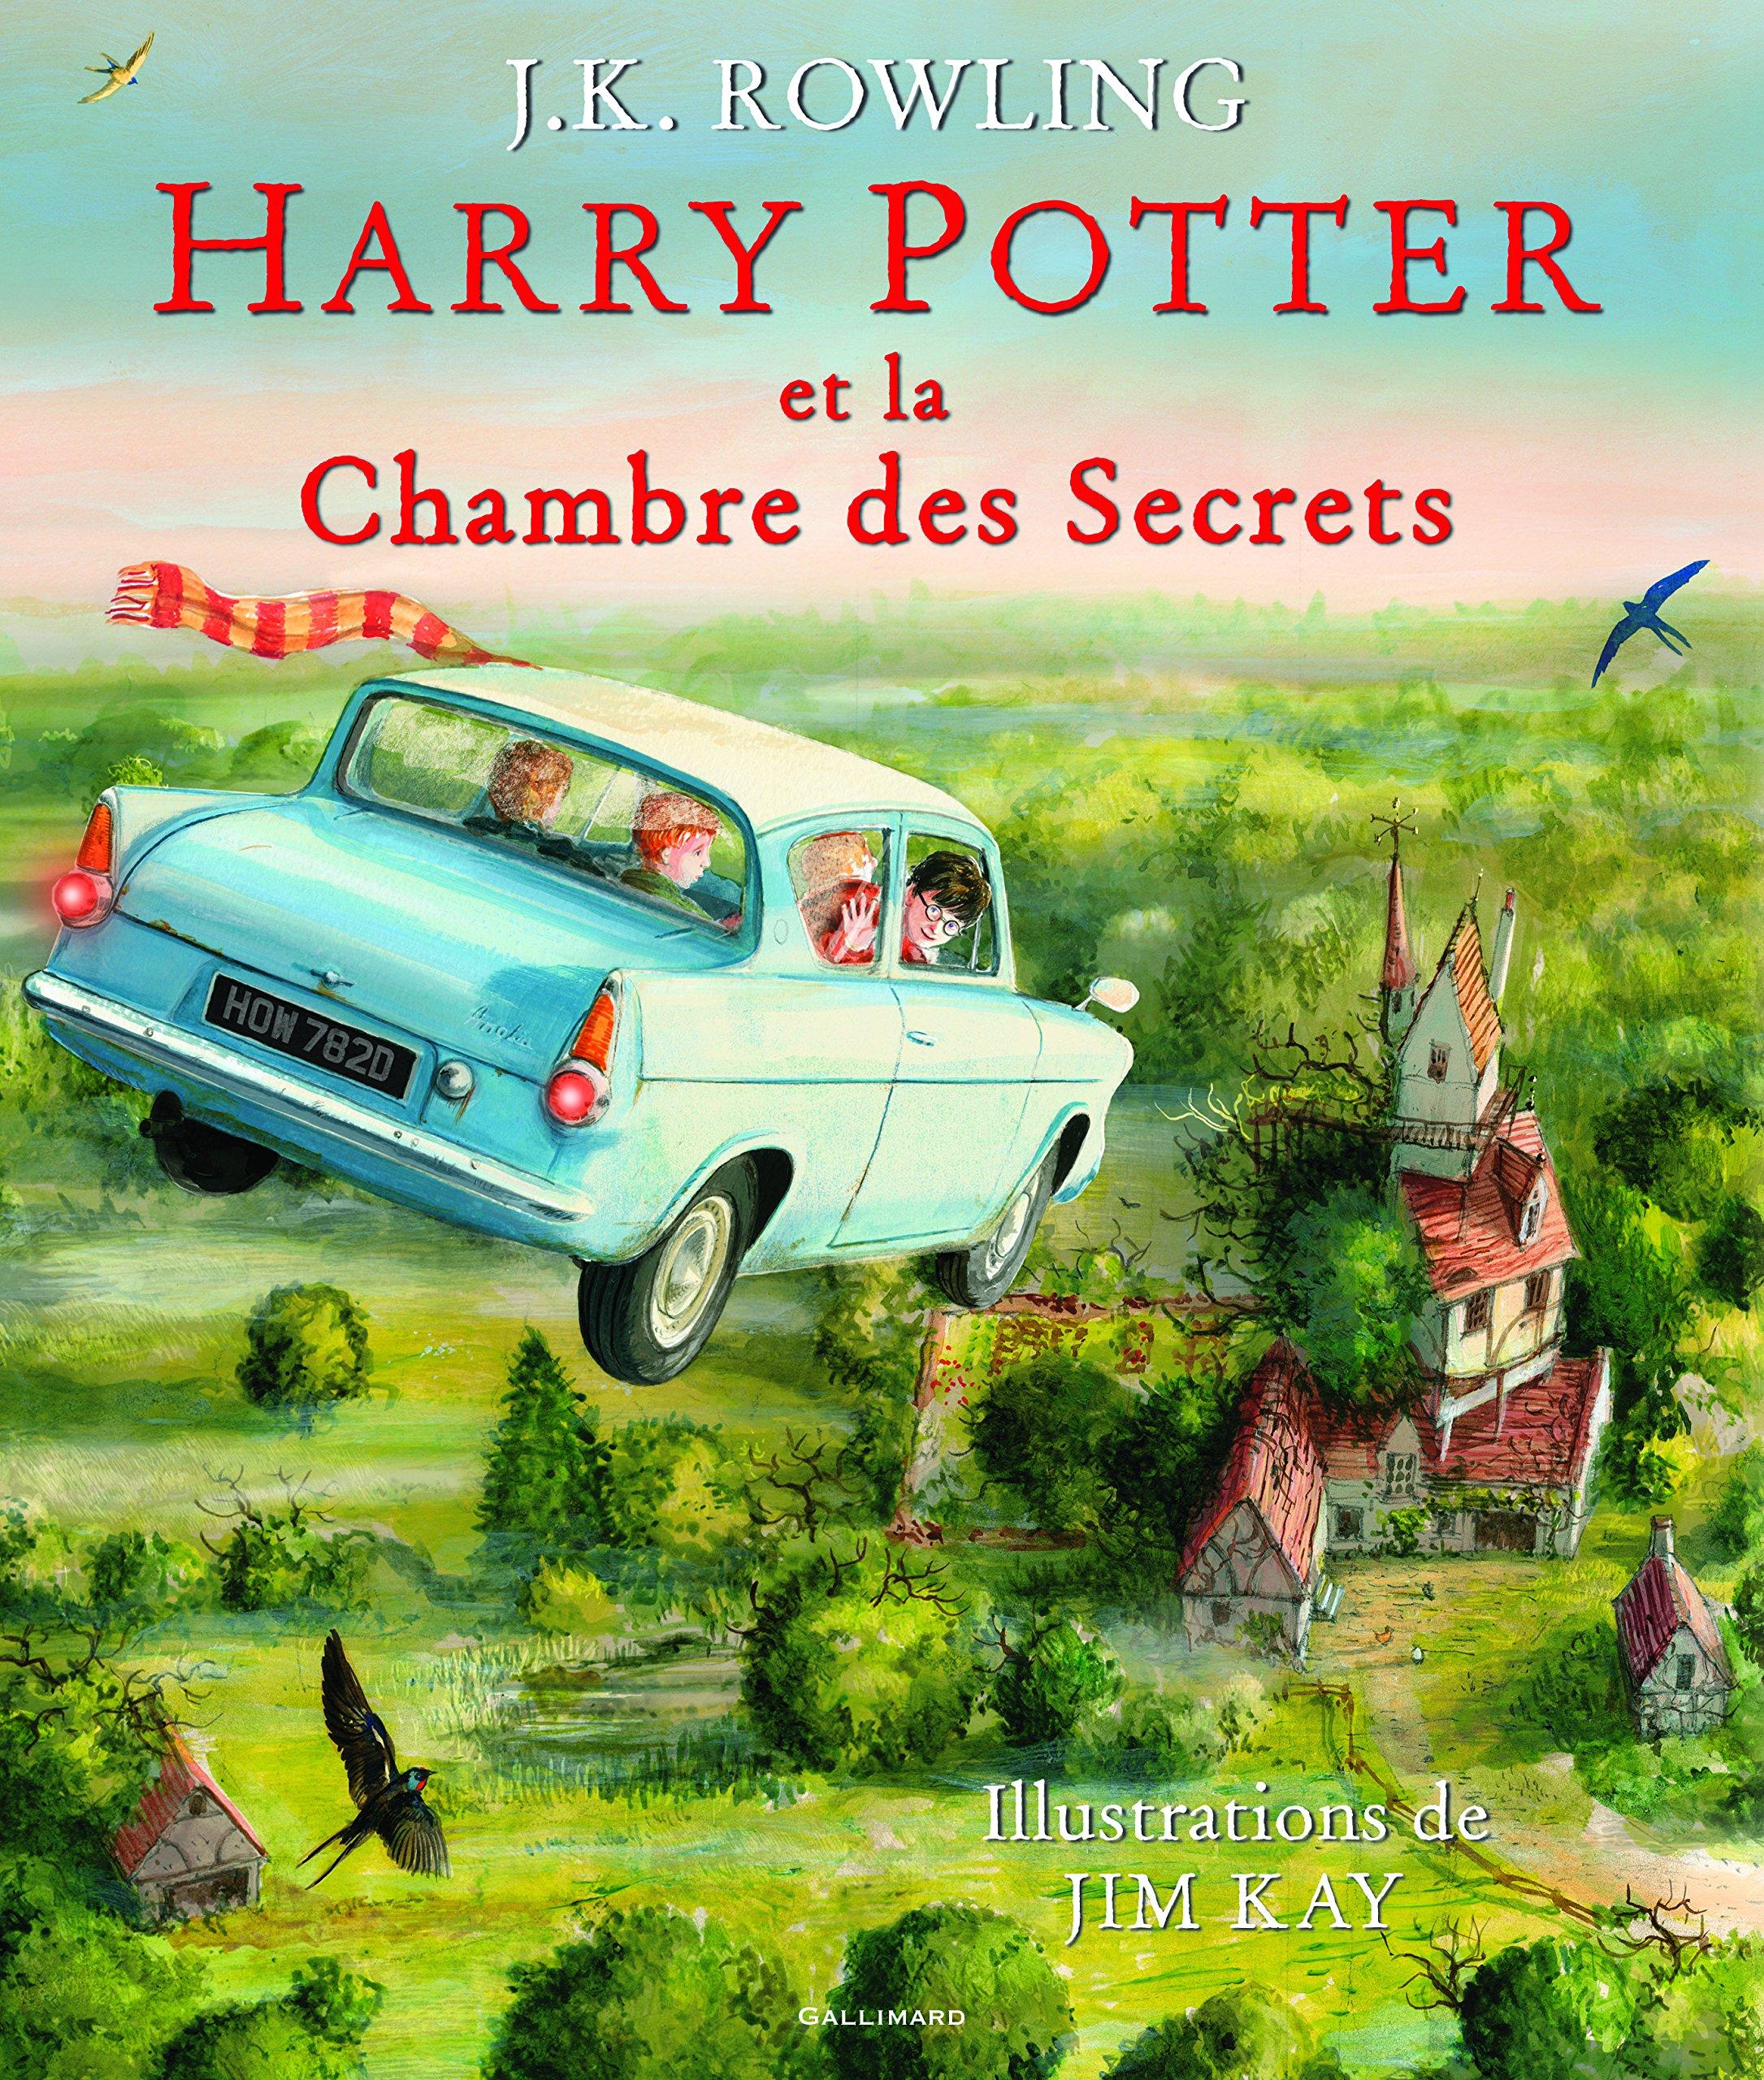 Harry Potter, II:Harry Potter et la Chambre des Secrets Relié – 3 octobre 2016 J. K. Rowling Jim Kay Jean-François Ménard Gallimard Jeunesse